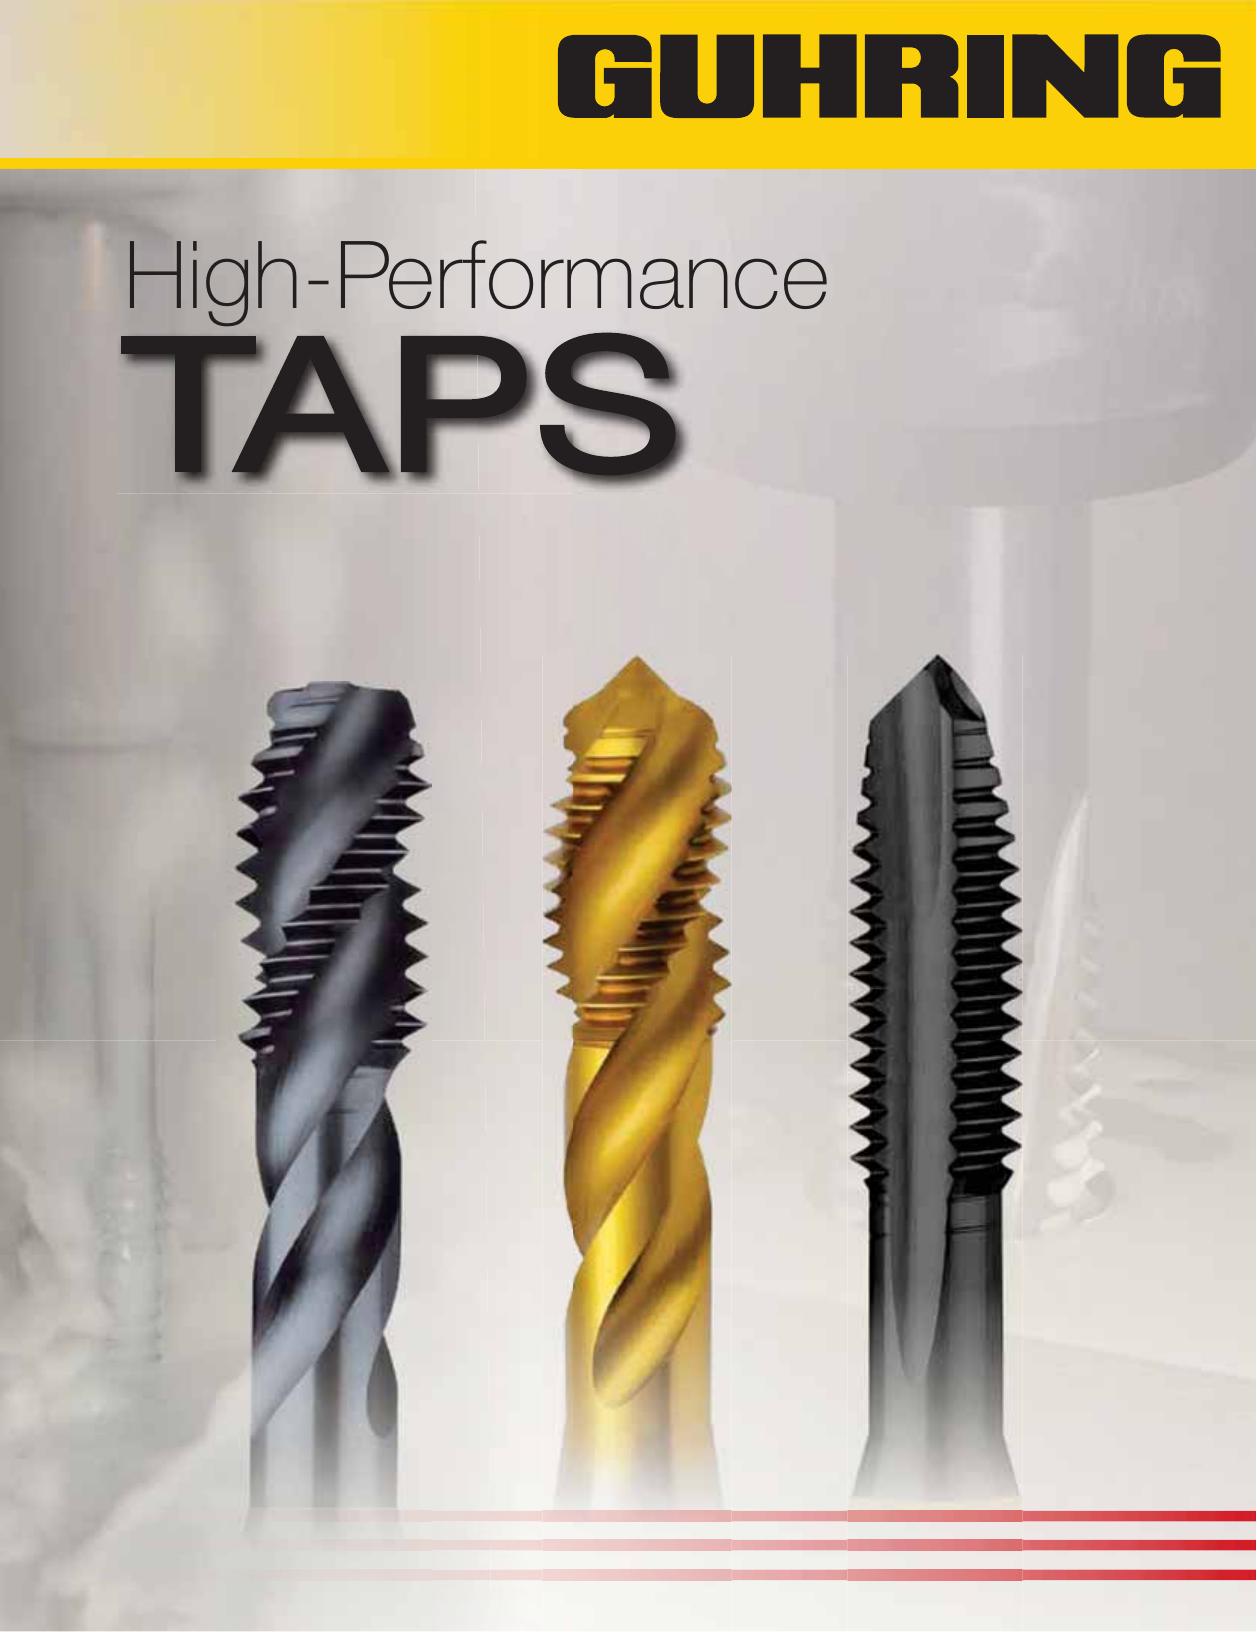 4 Flute TiN Coating Mod Bottom GUHRING 9039210160000 Spiral Flute Tap Cobalt M16 x 2.0 Size